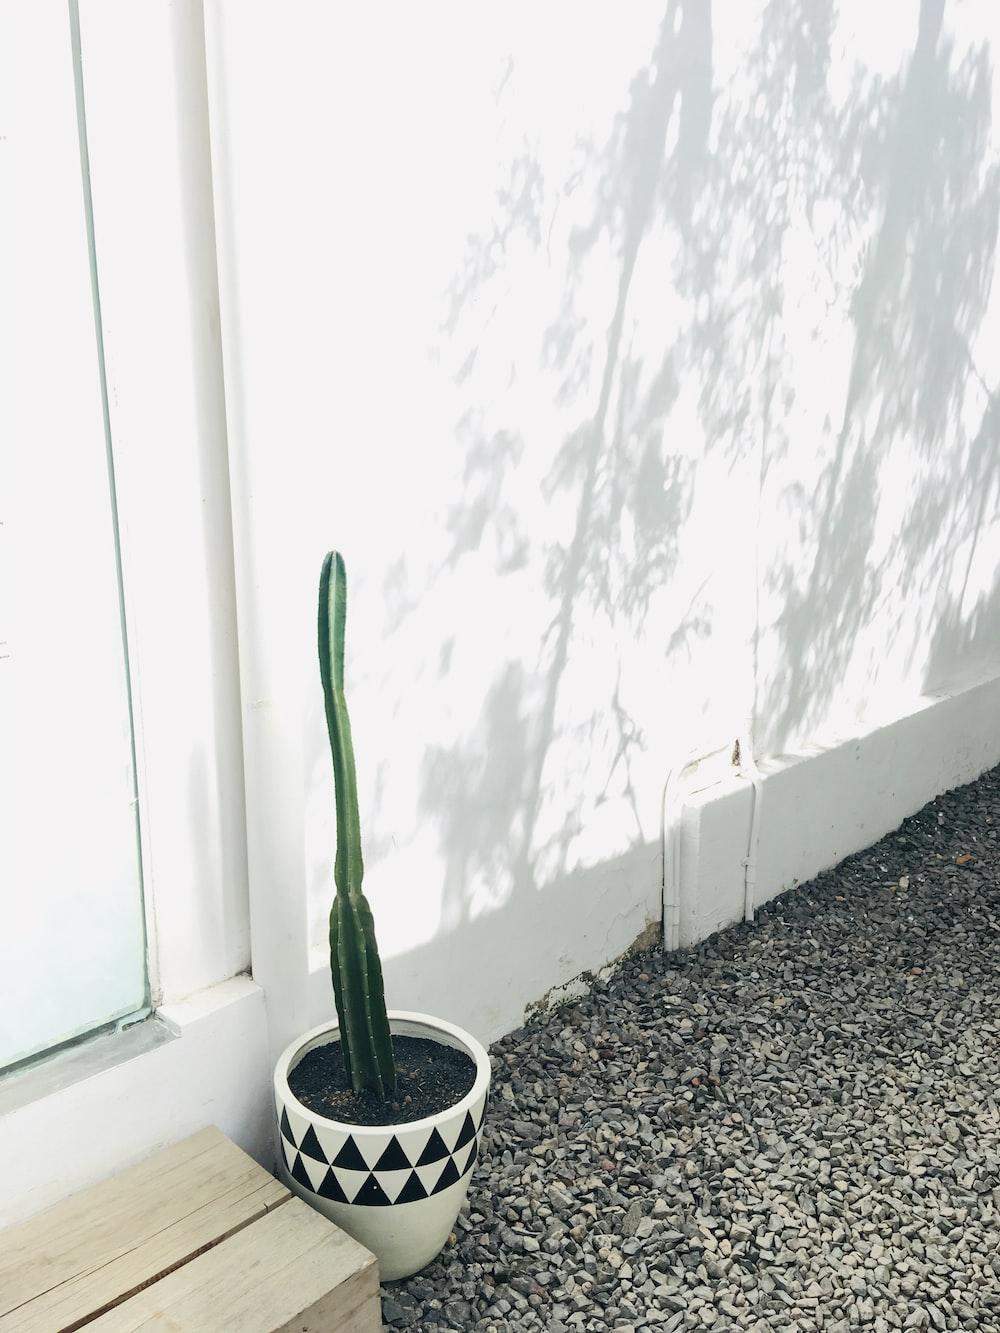 cactus plant in vase